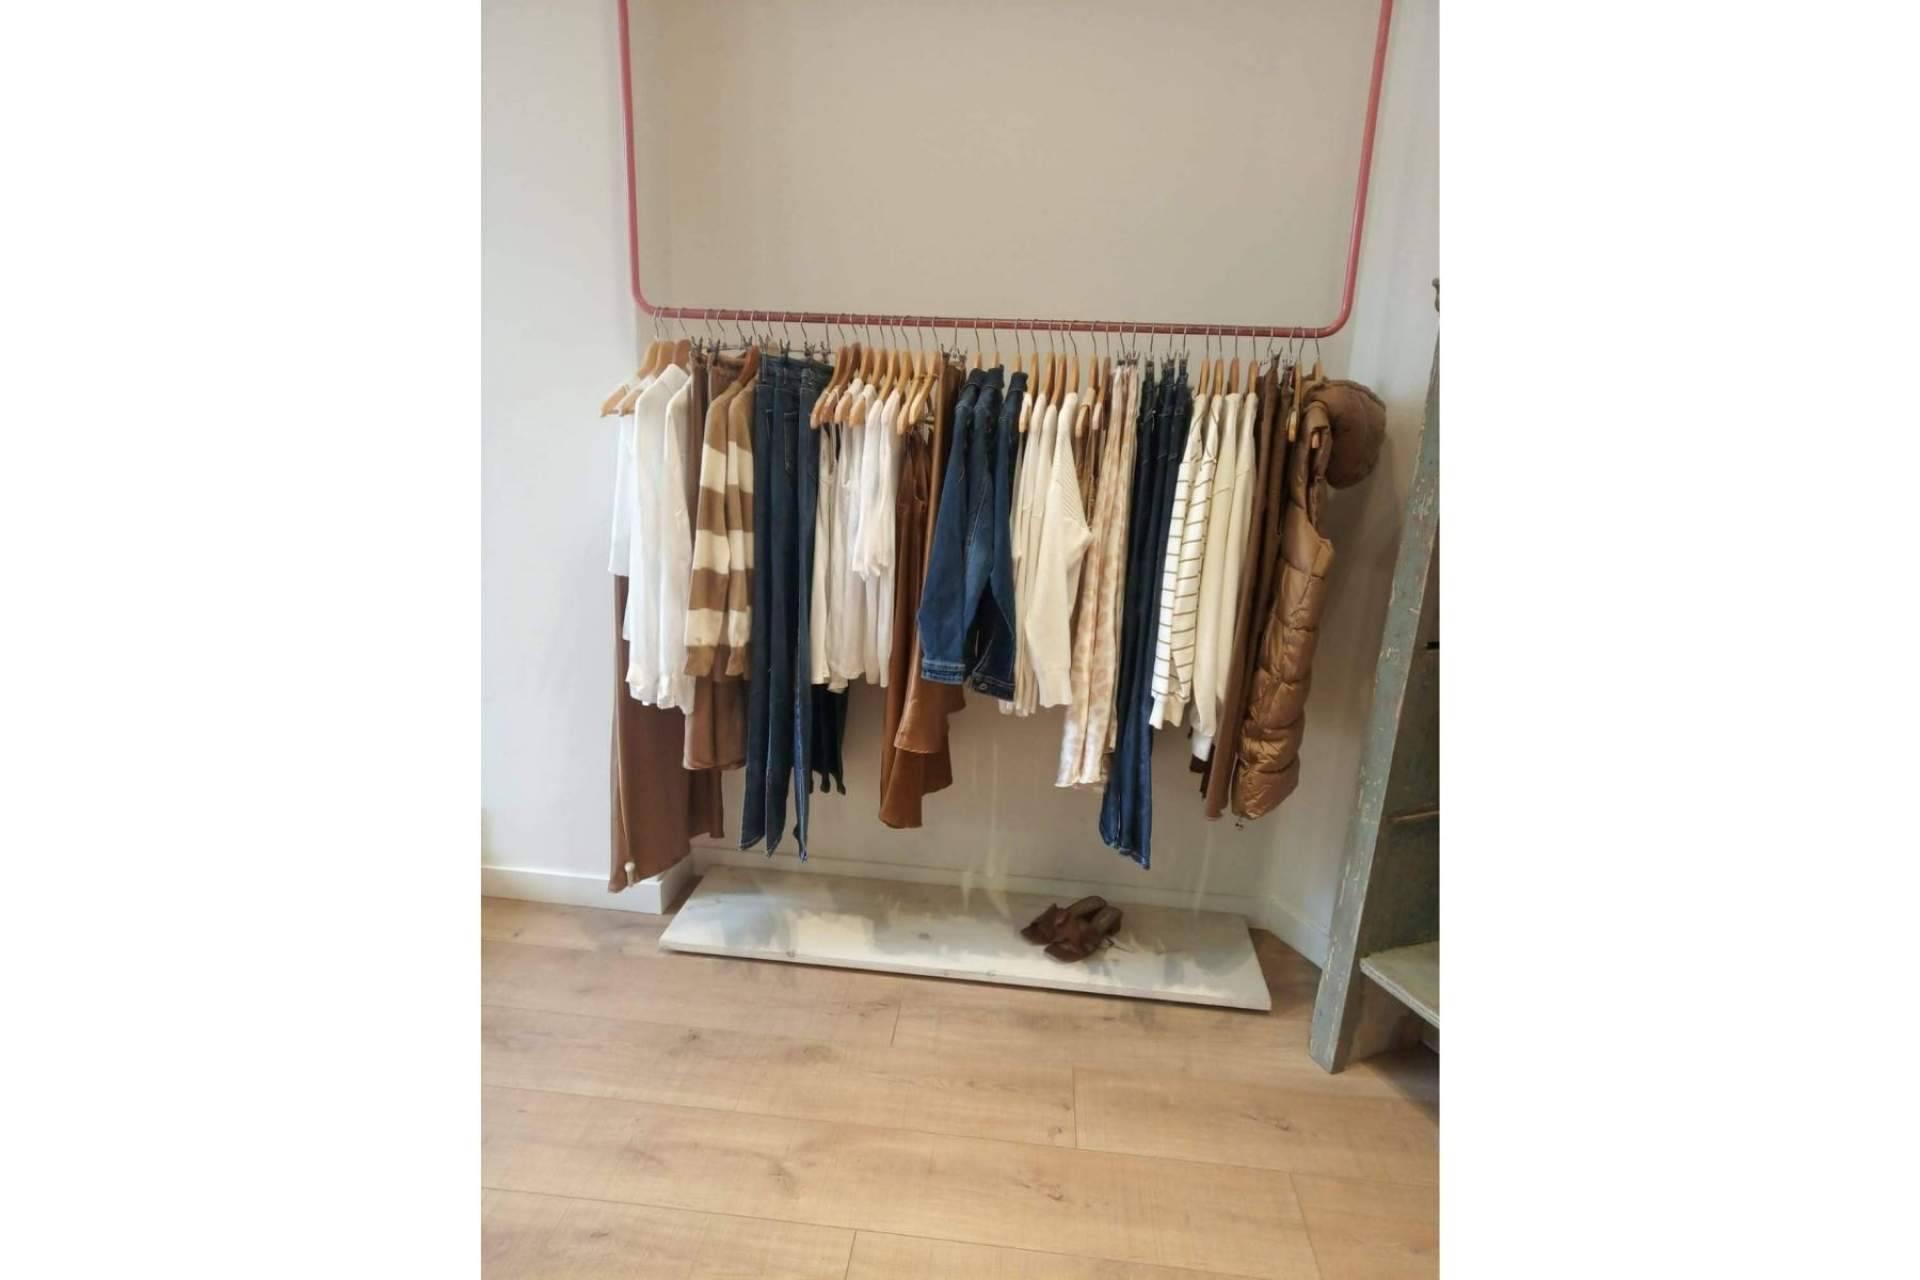 Las tendencias de moda para la temporada de otoño llegan a The Closet